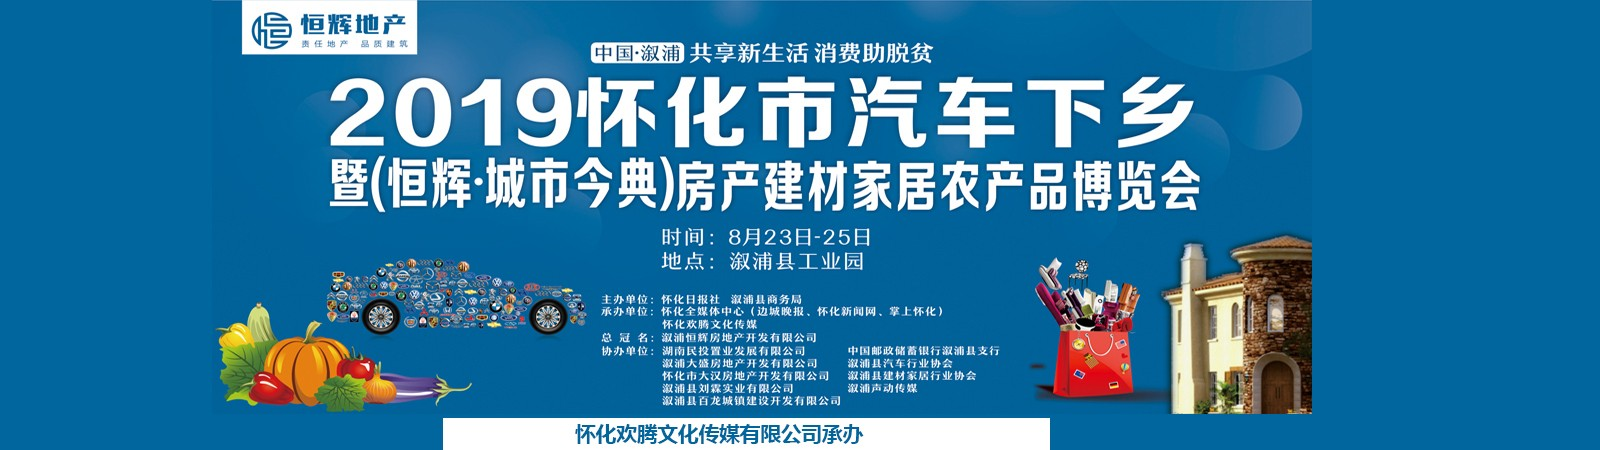 溆浦2019大型汽车展销农博活动